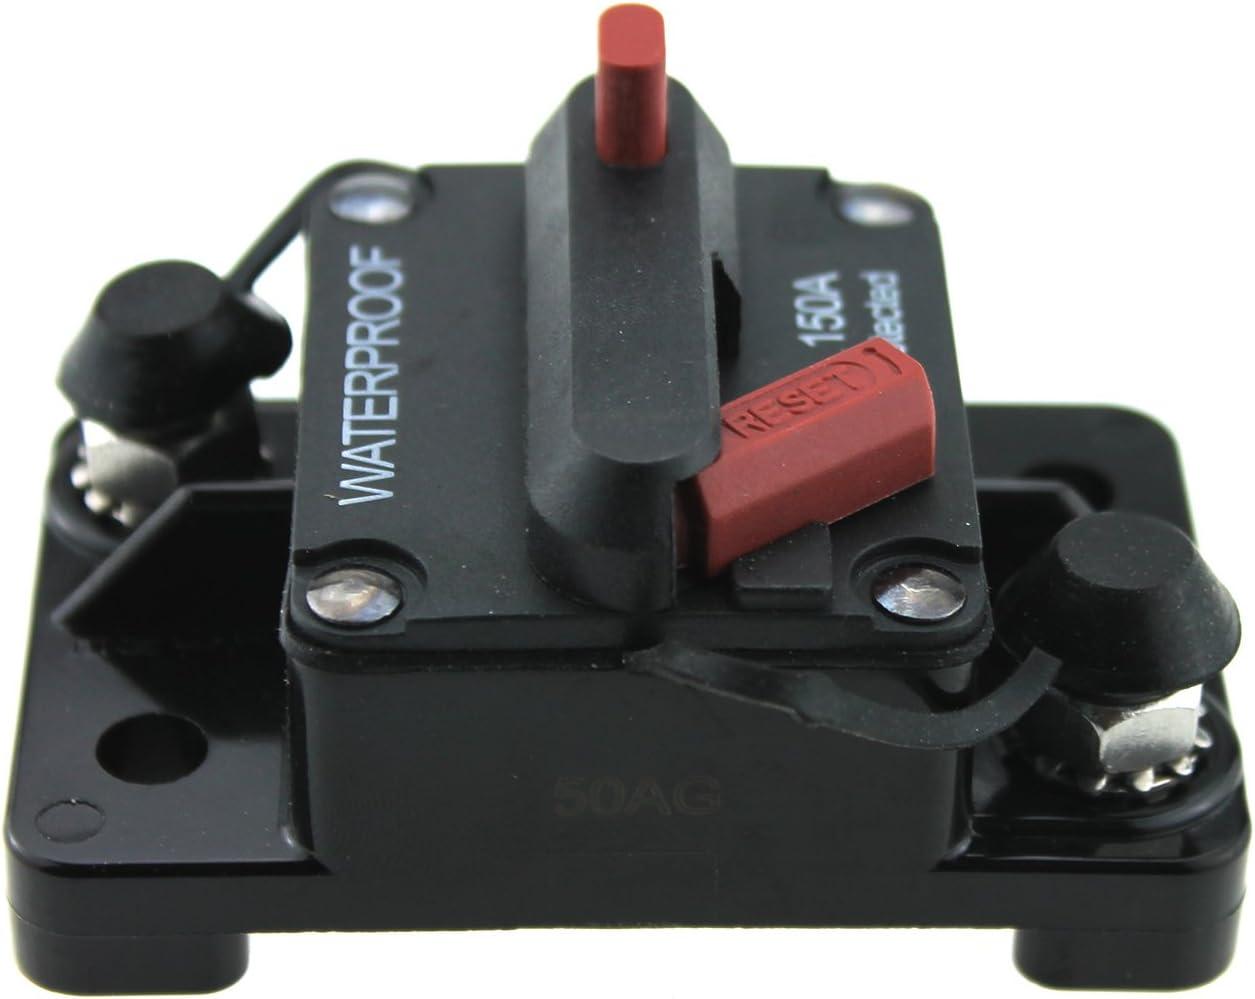 Ambuker 12V-48VDC Waterproof 150 Amp Circuit Breaker with Manual Reset